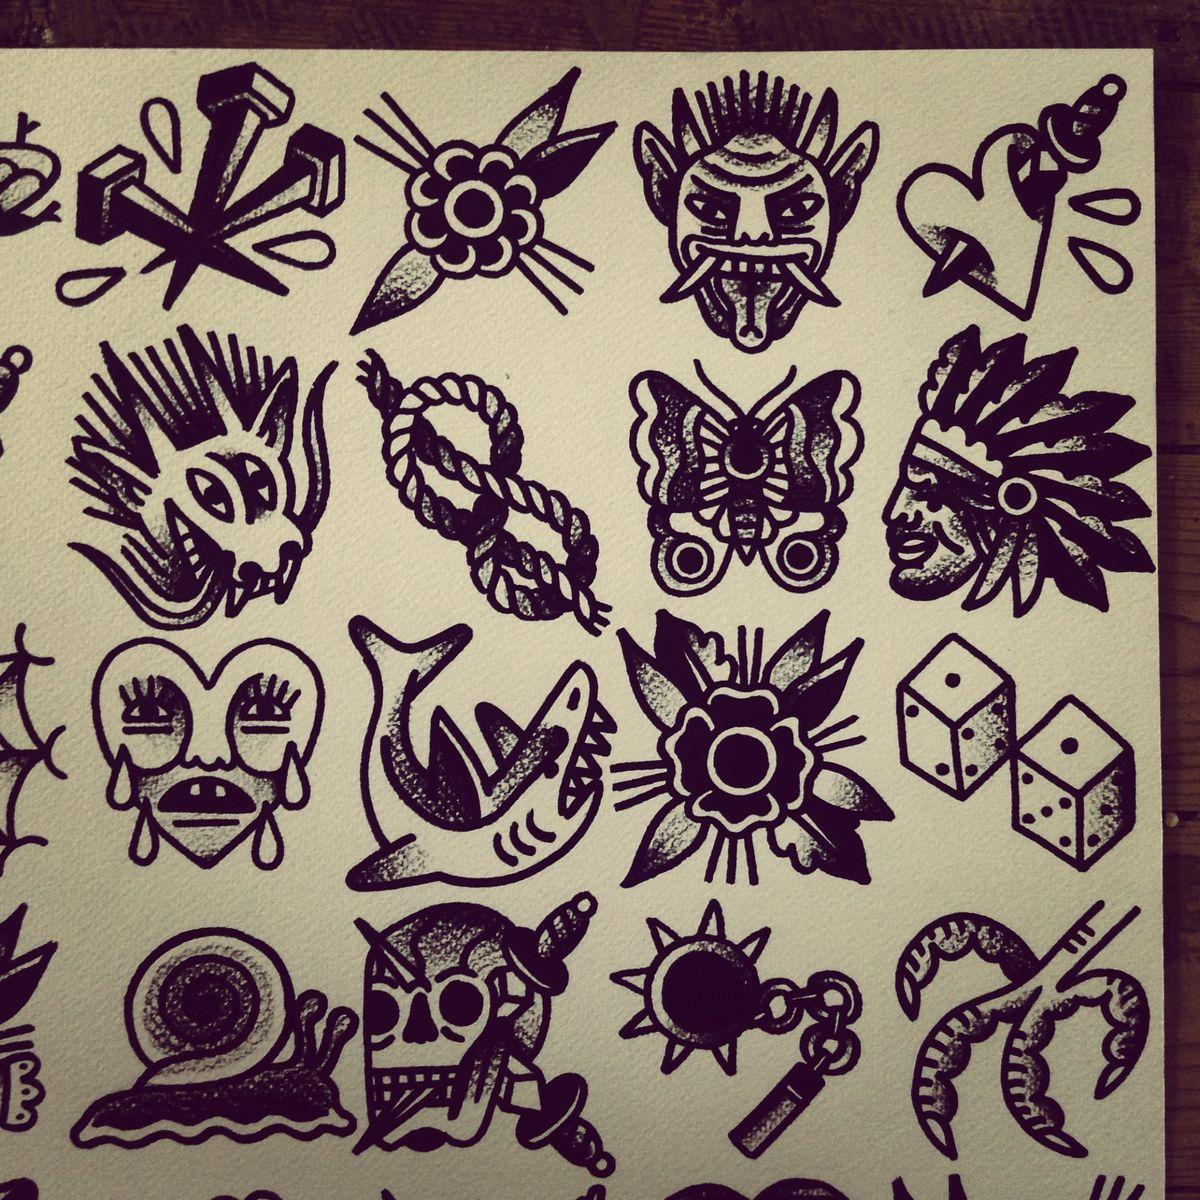 Pin By Chutima On 55 Pinterest Tattoo And Tatting